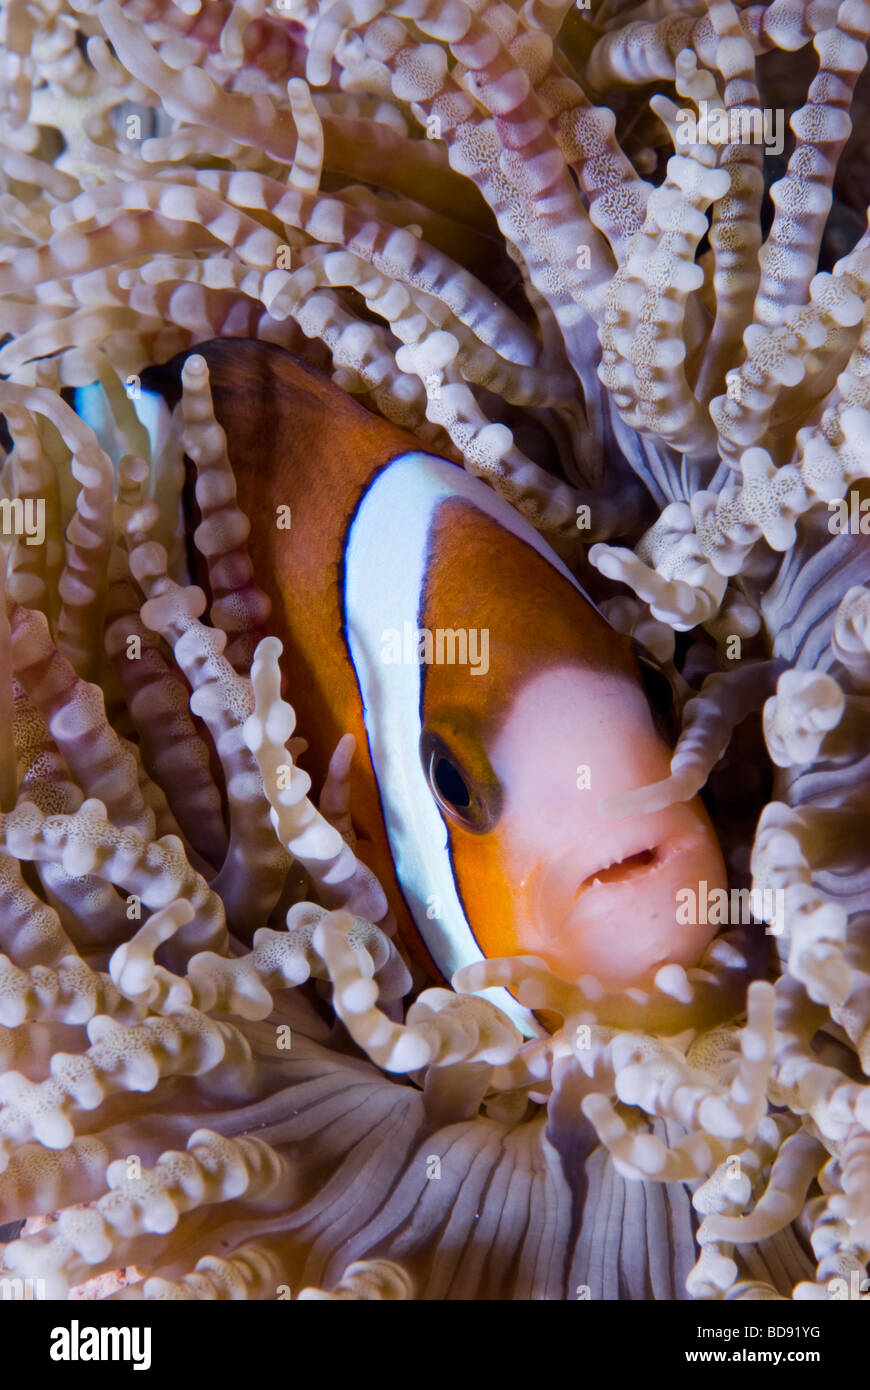 Anemone fish hiding in the sea anemone, Cabilao, Philippines - Stock Image